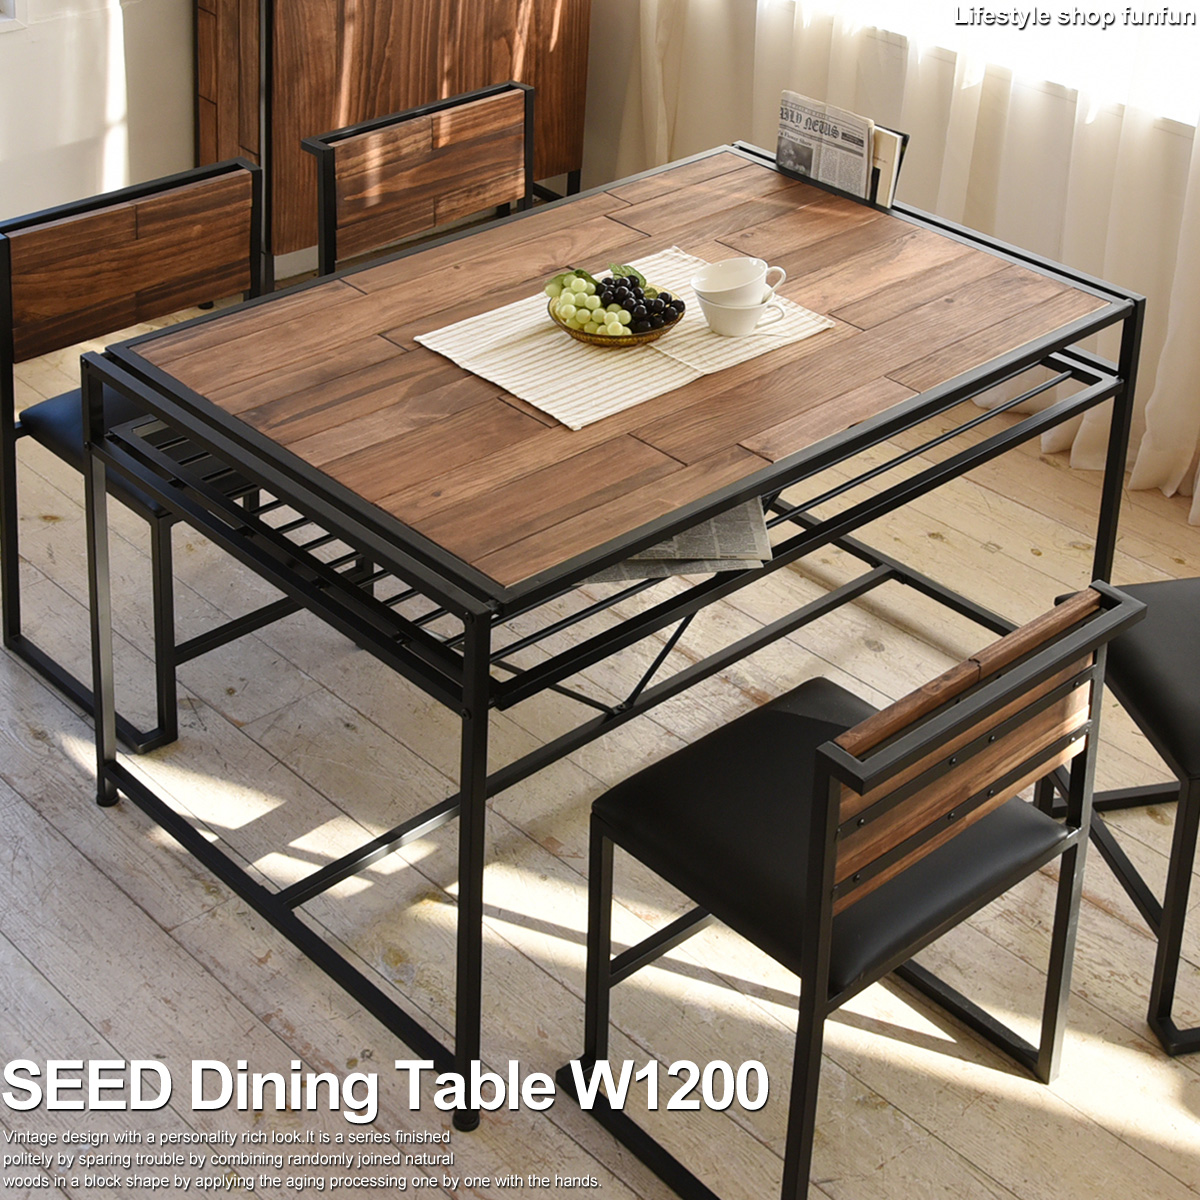 ダイニングテーブル SEED シード 幅120cm 食卓テーブル 木製 天然木 北欧 おしゃれ かわいい 男前 アイアン ブルックリン